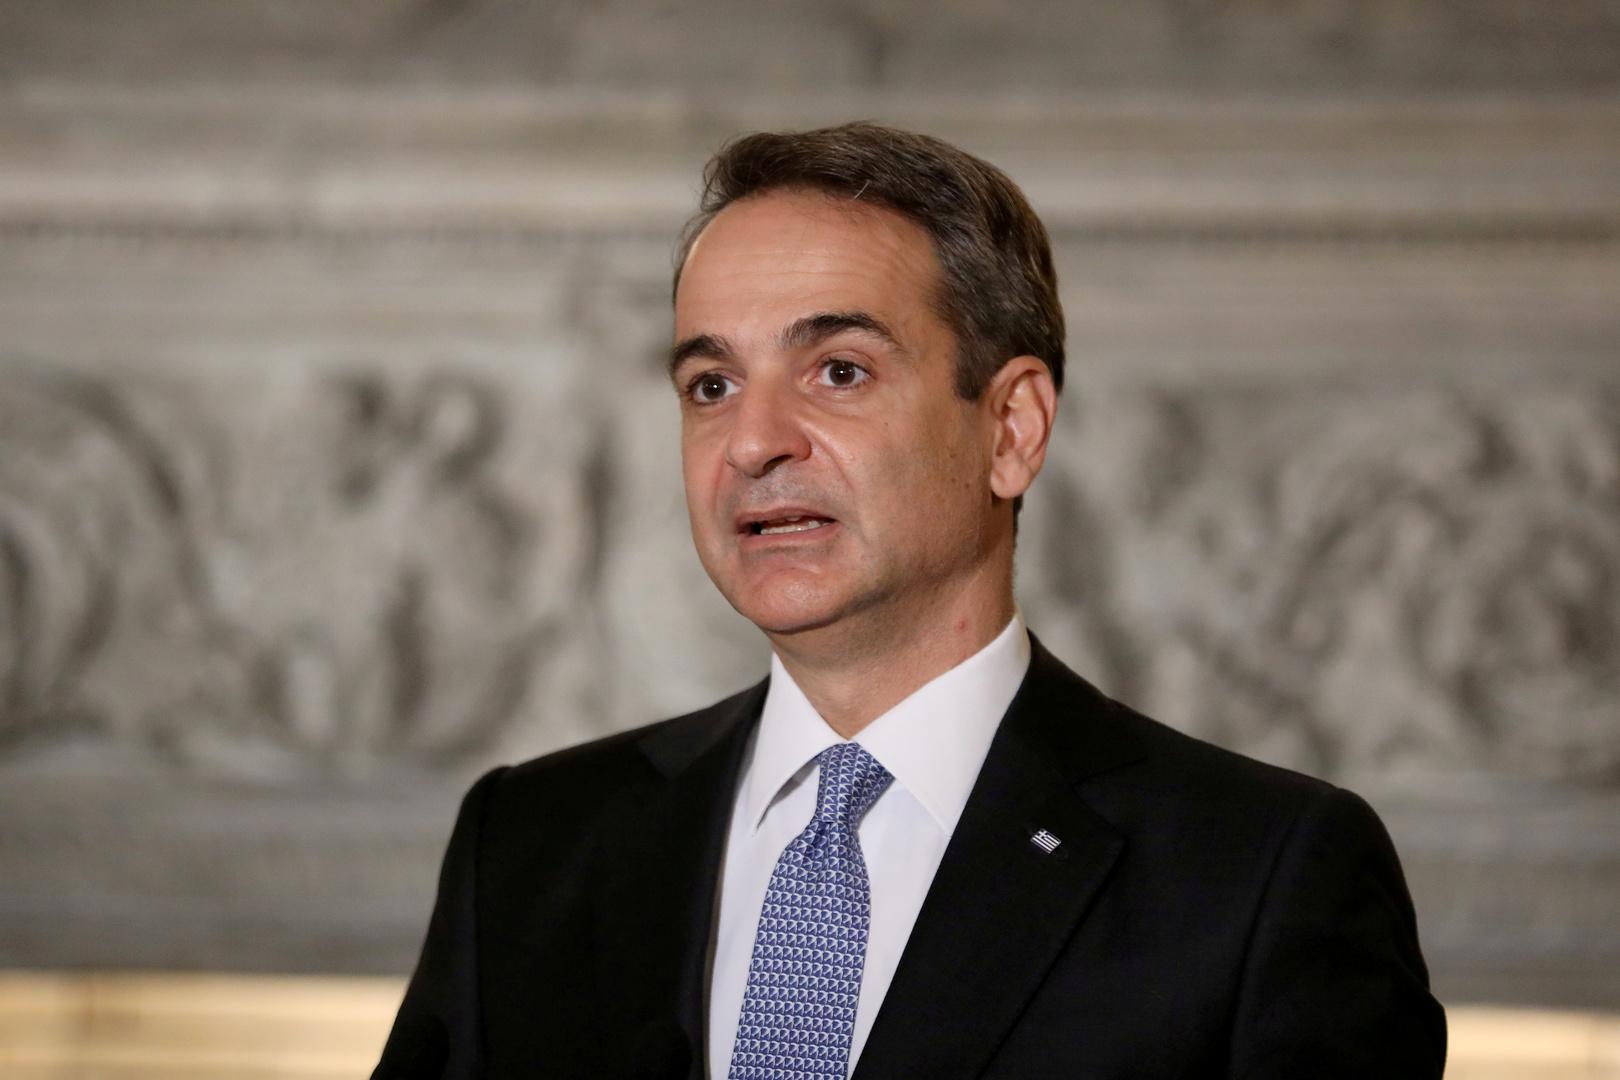 رئيس وزراء اليونان: المفاوضات البحرية مع تركيا ستستأنف في غضون شهر